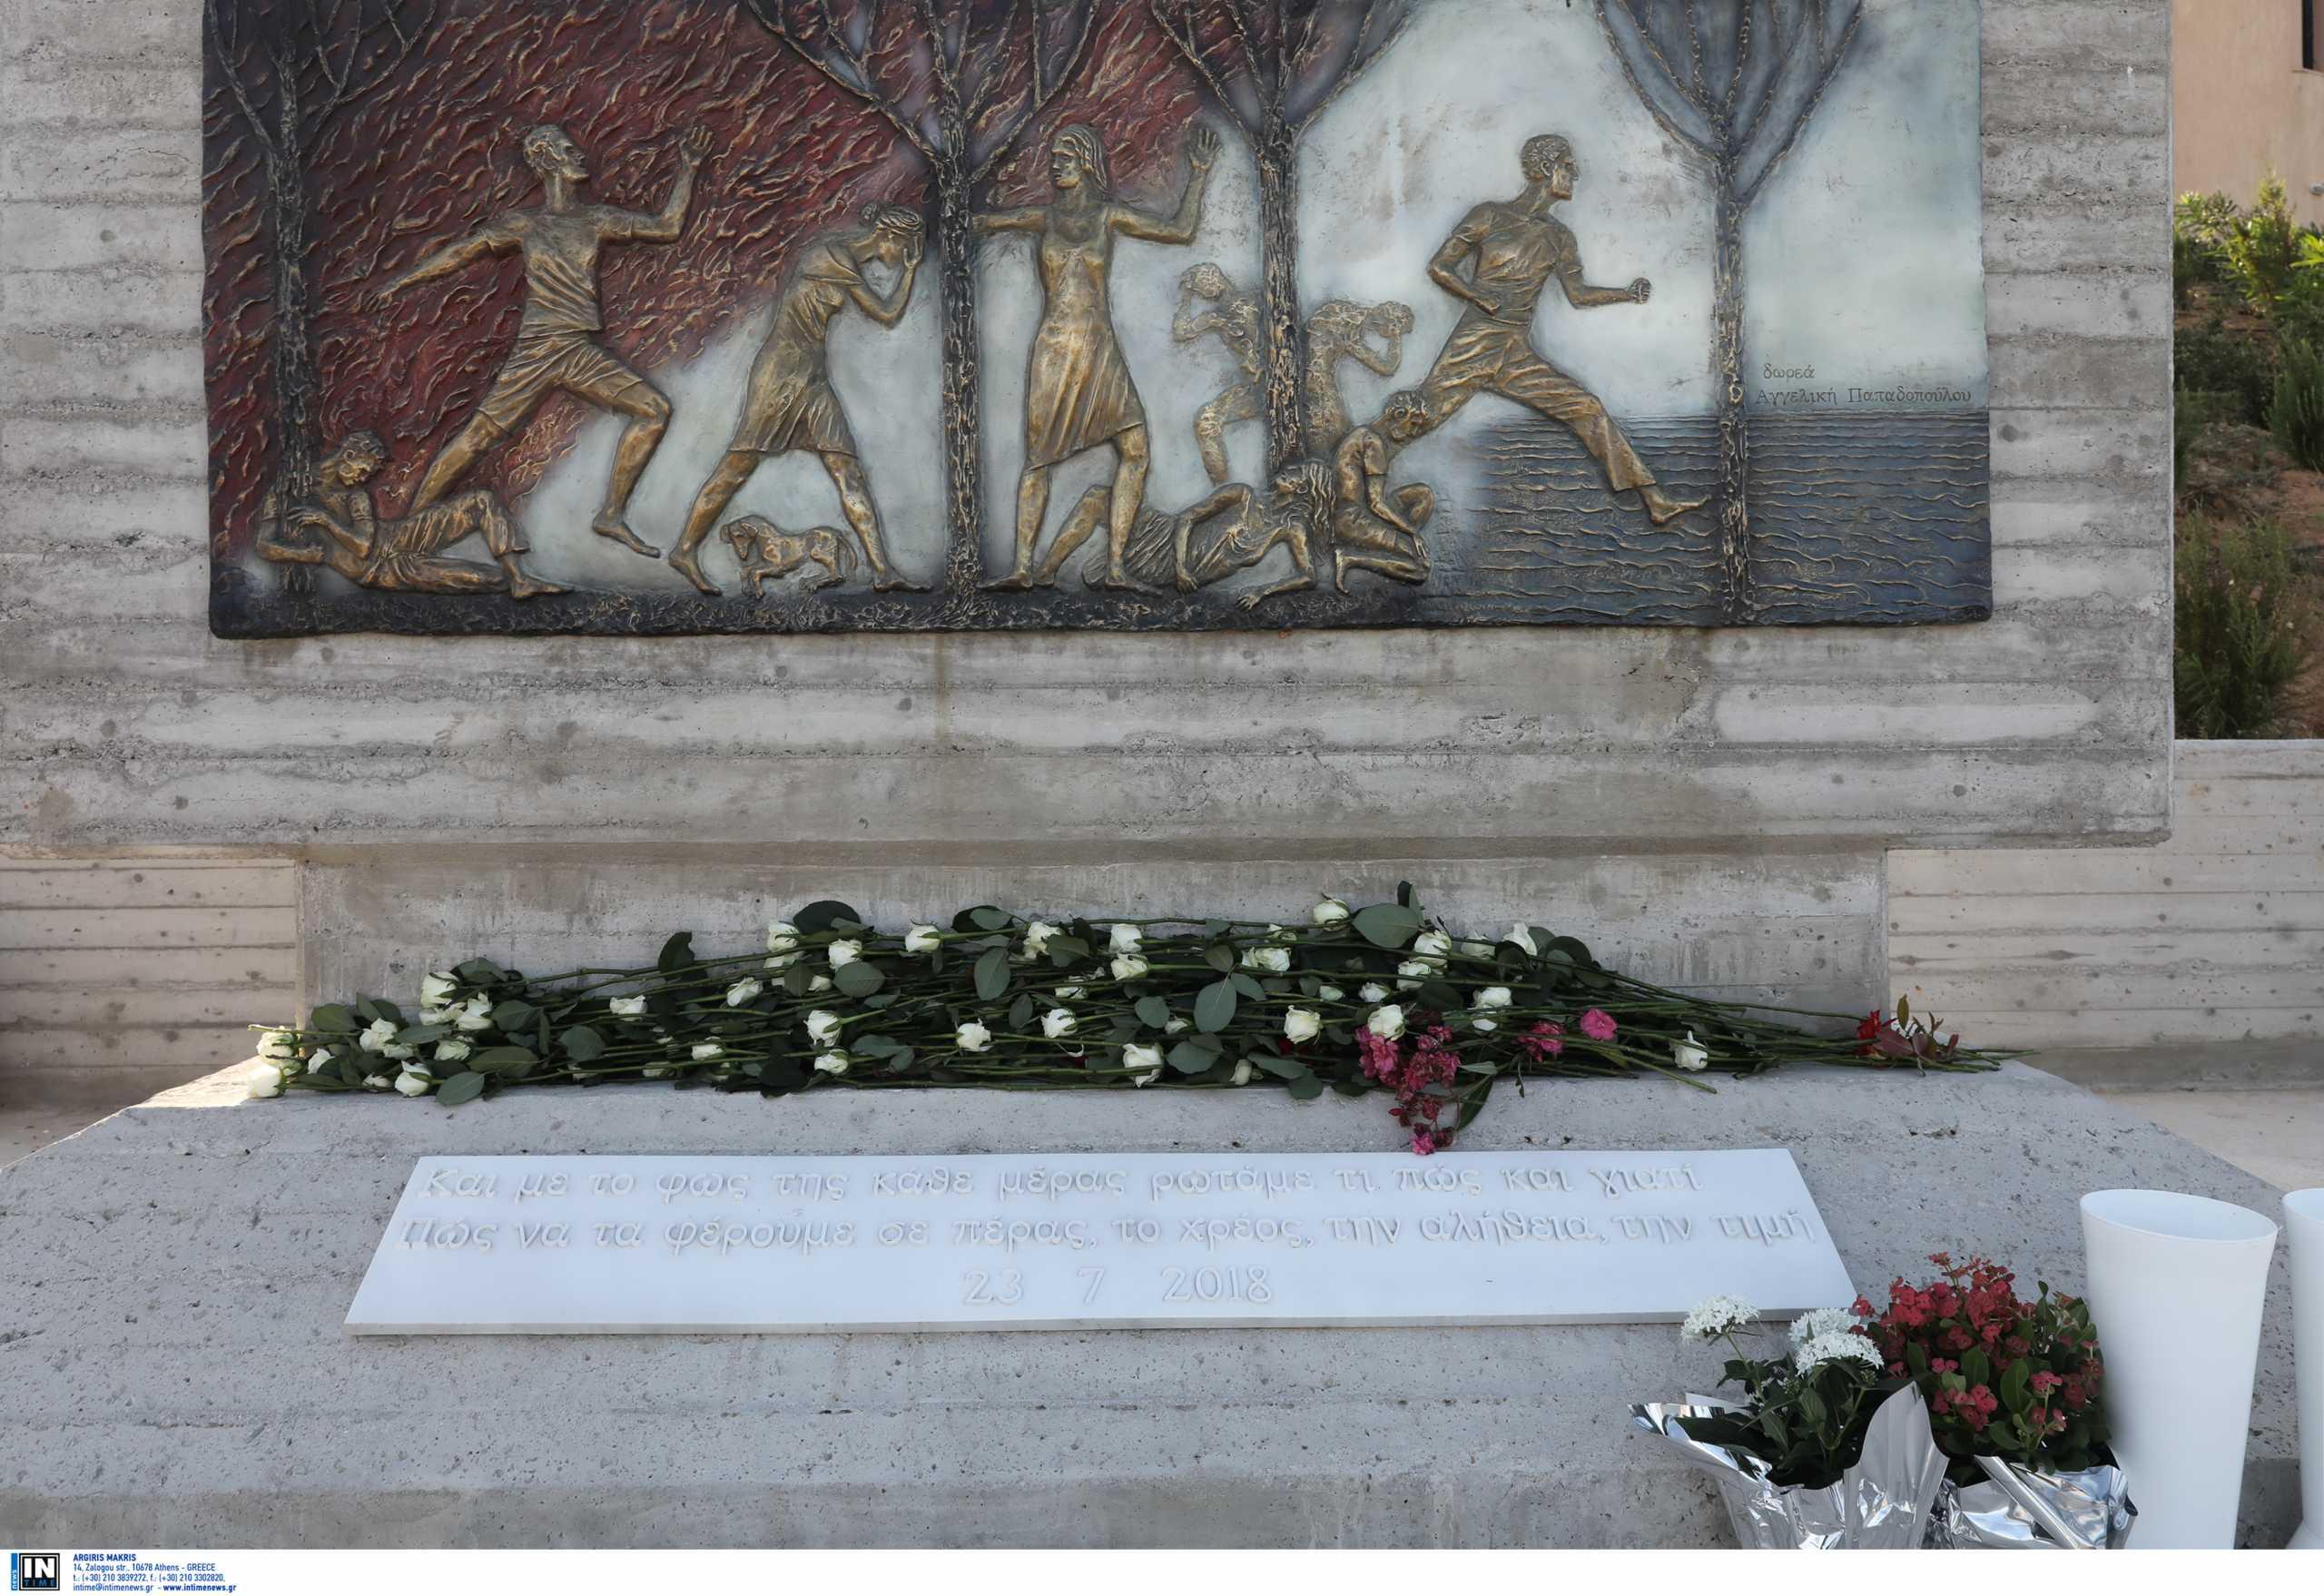 Τραγωδία στο Μάτι: Παραπέμπονται σε δίκη οι Ρένα Δούρου, Ηλίας Ψινάκης, Στέφανος Κολοκούρης και άλλοι 27 κατηγορούμενοι – Τι προτείνει ο εισαγγελέας